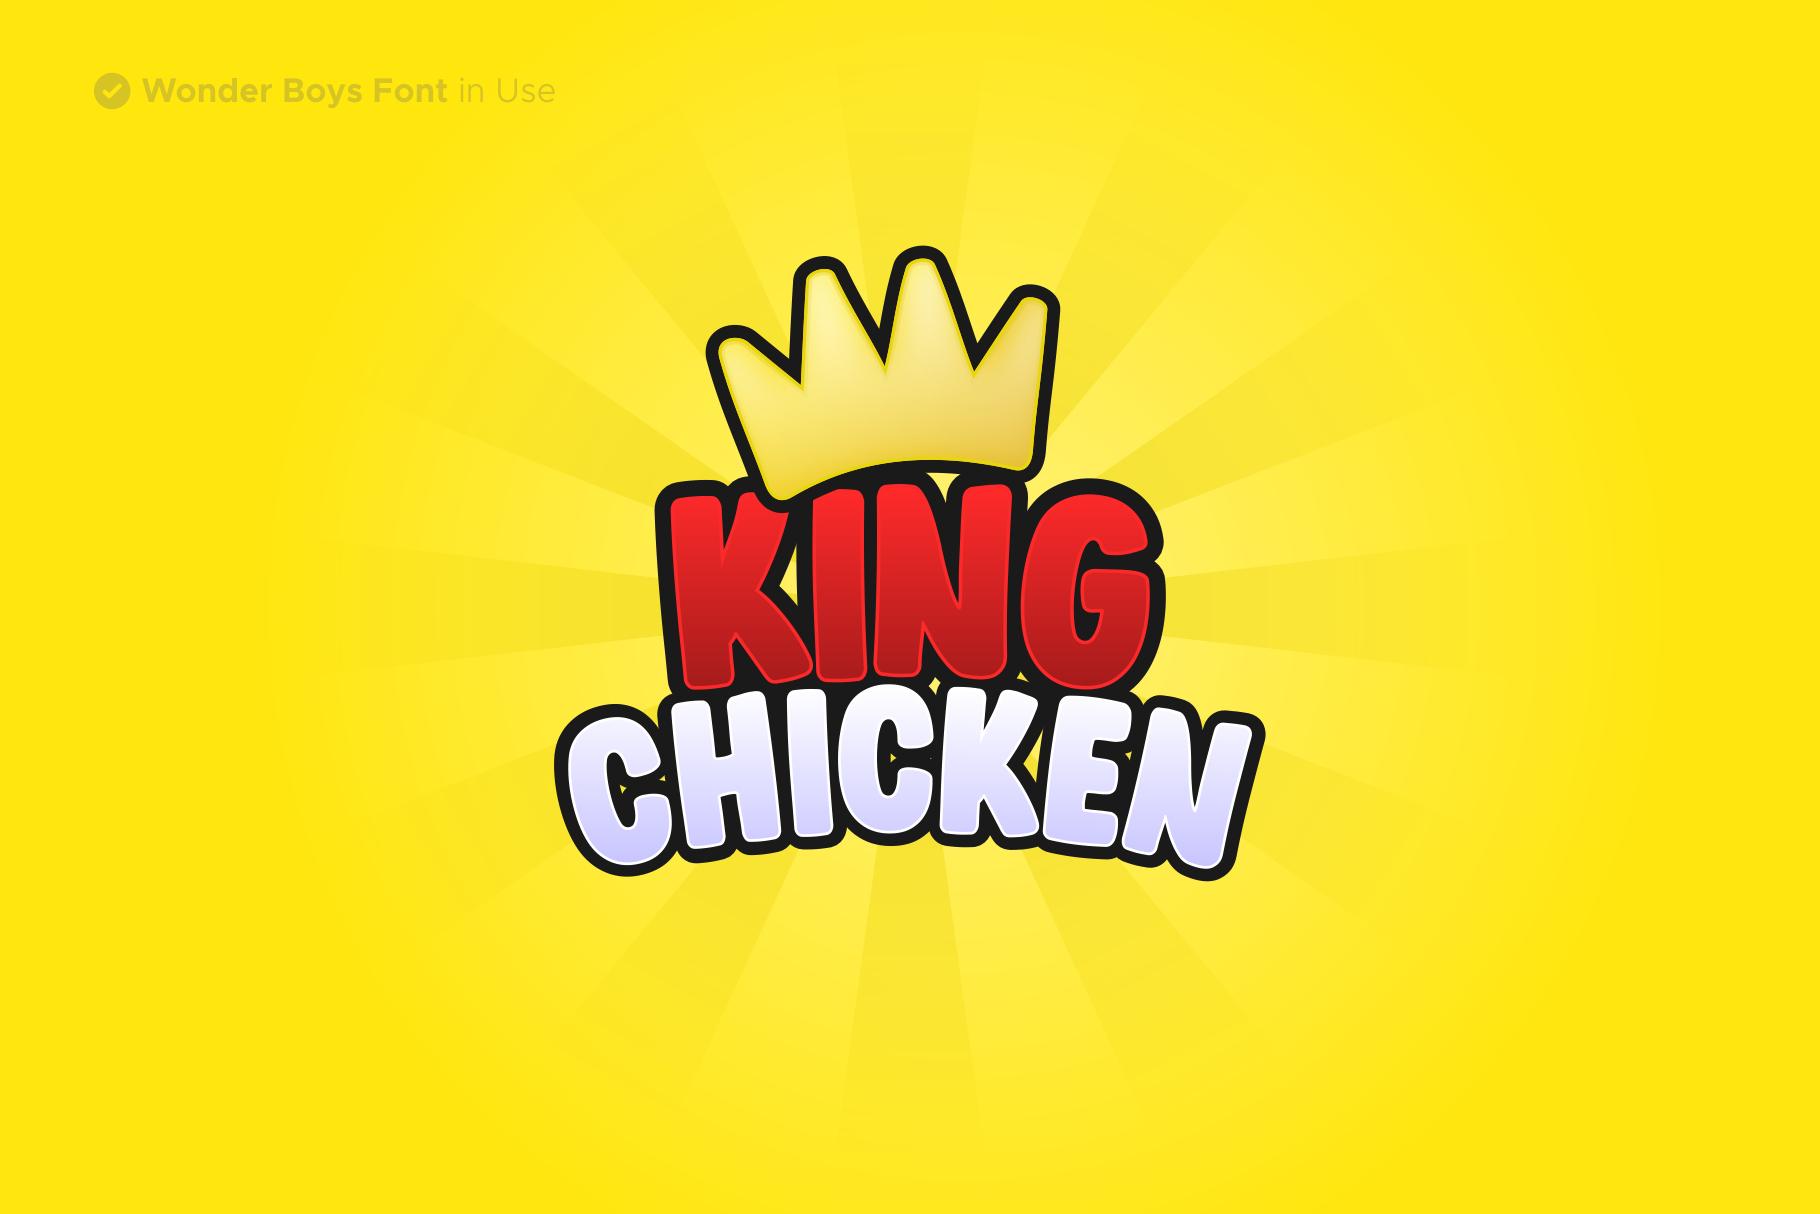 Wonder Boys - Fun Kids Font Display example image 4